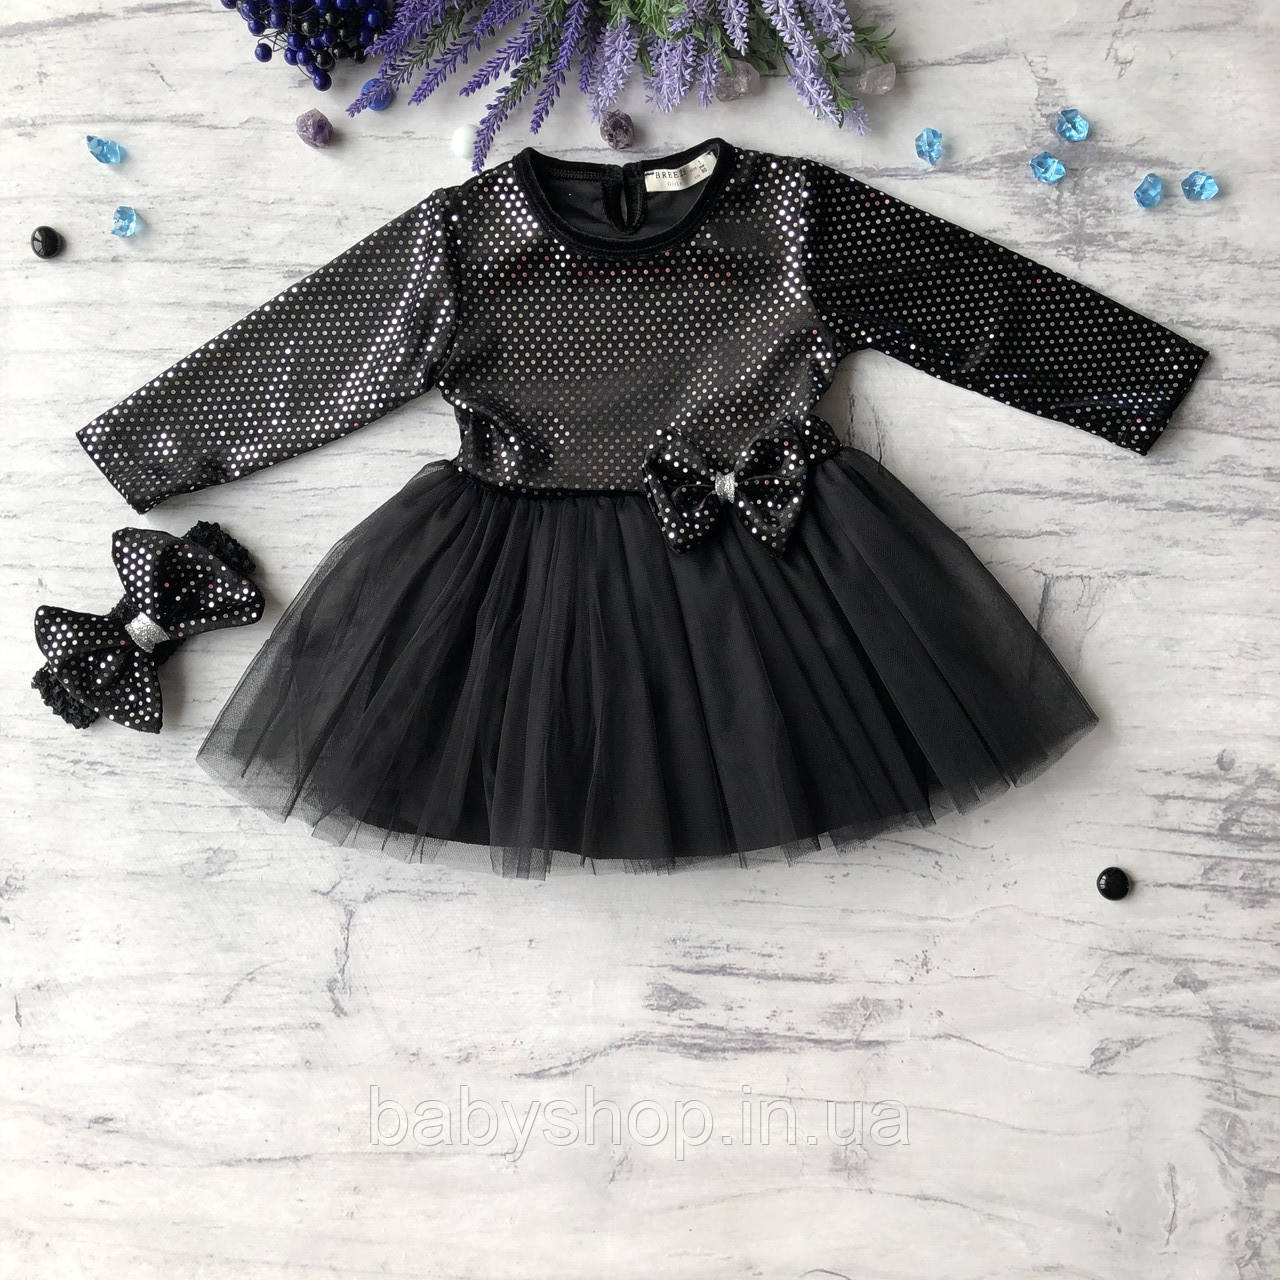 Черное пышное платье на девочку c повязкой Breeze 2. Размер 80 см, 92 см, 98 см, 104 см, 110 см